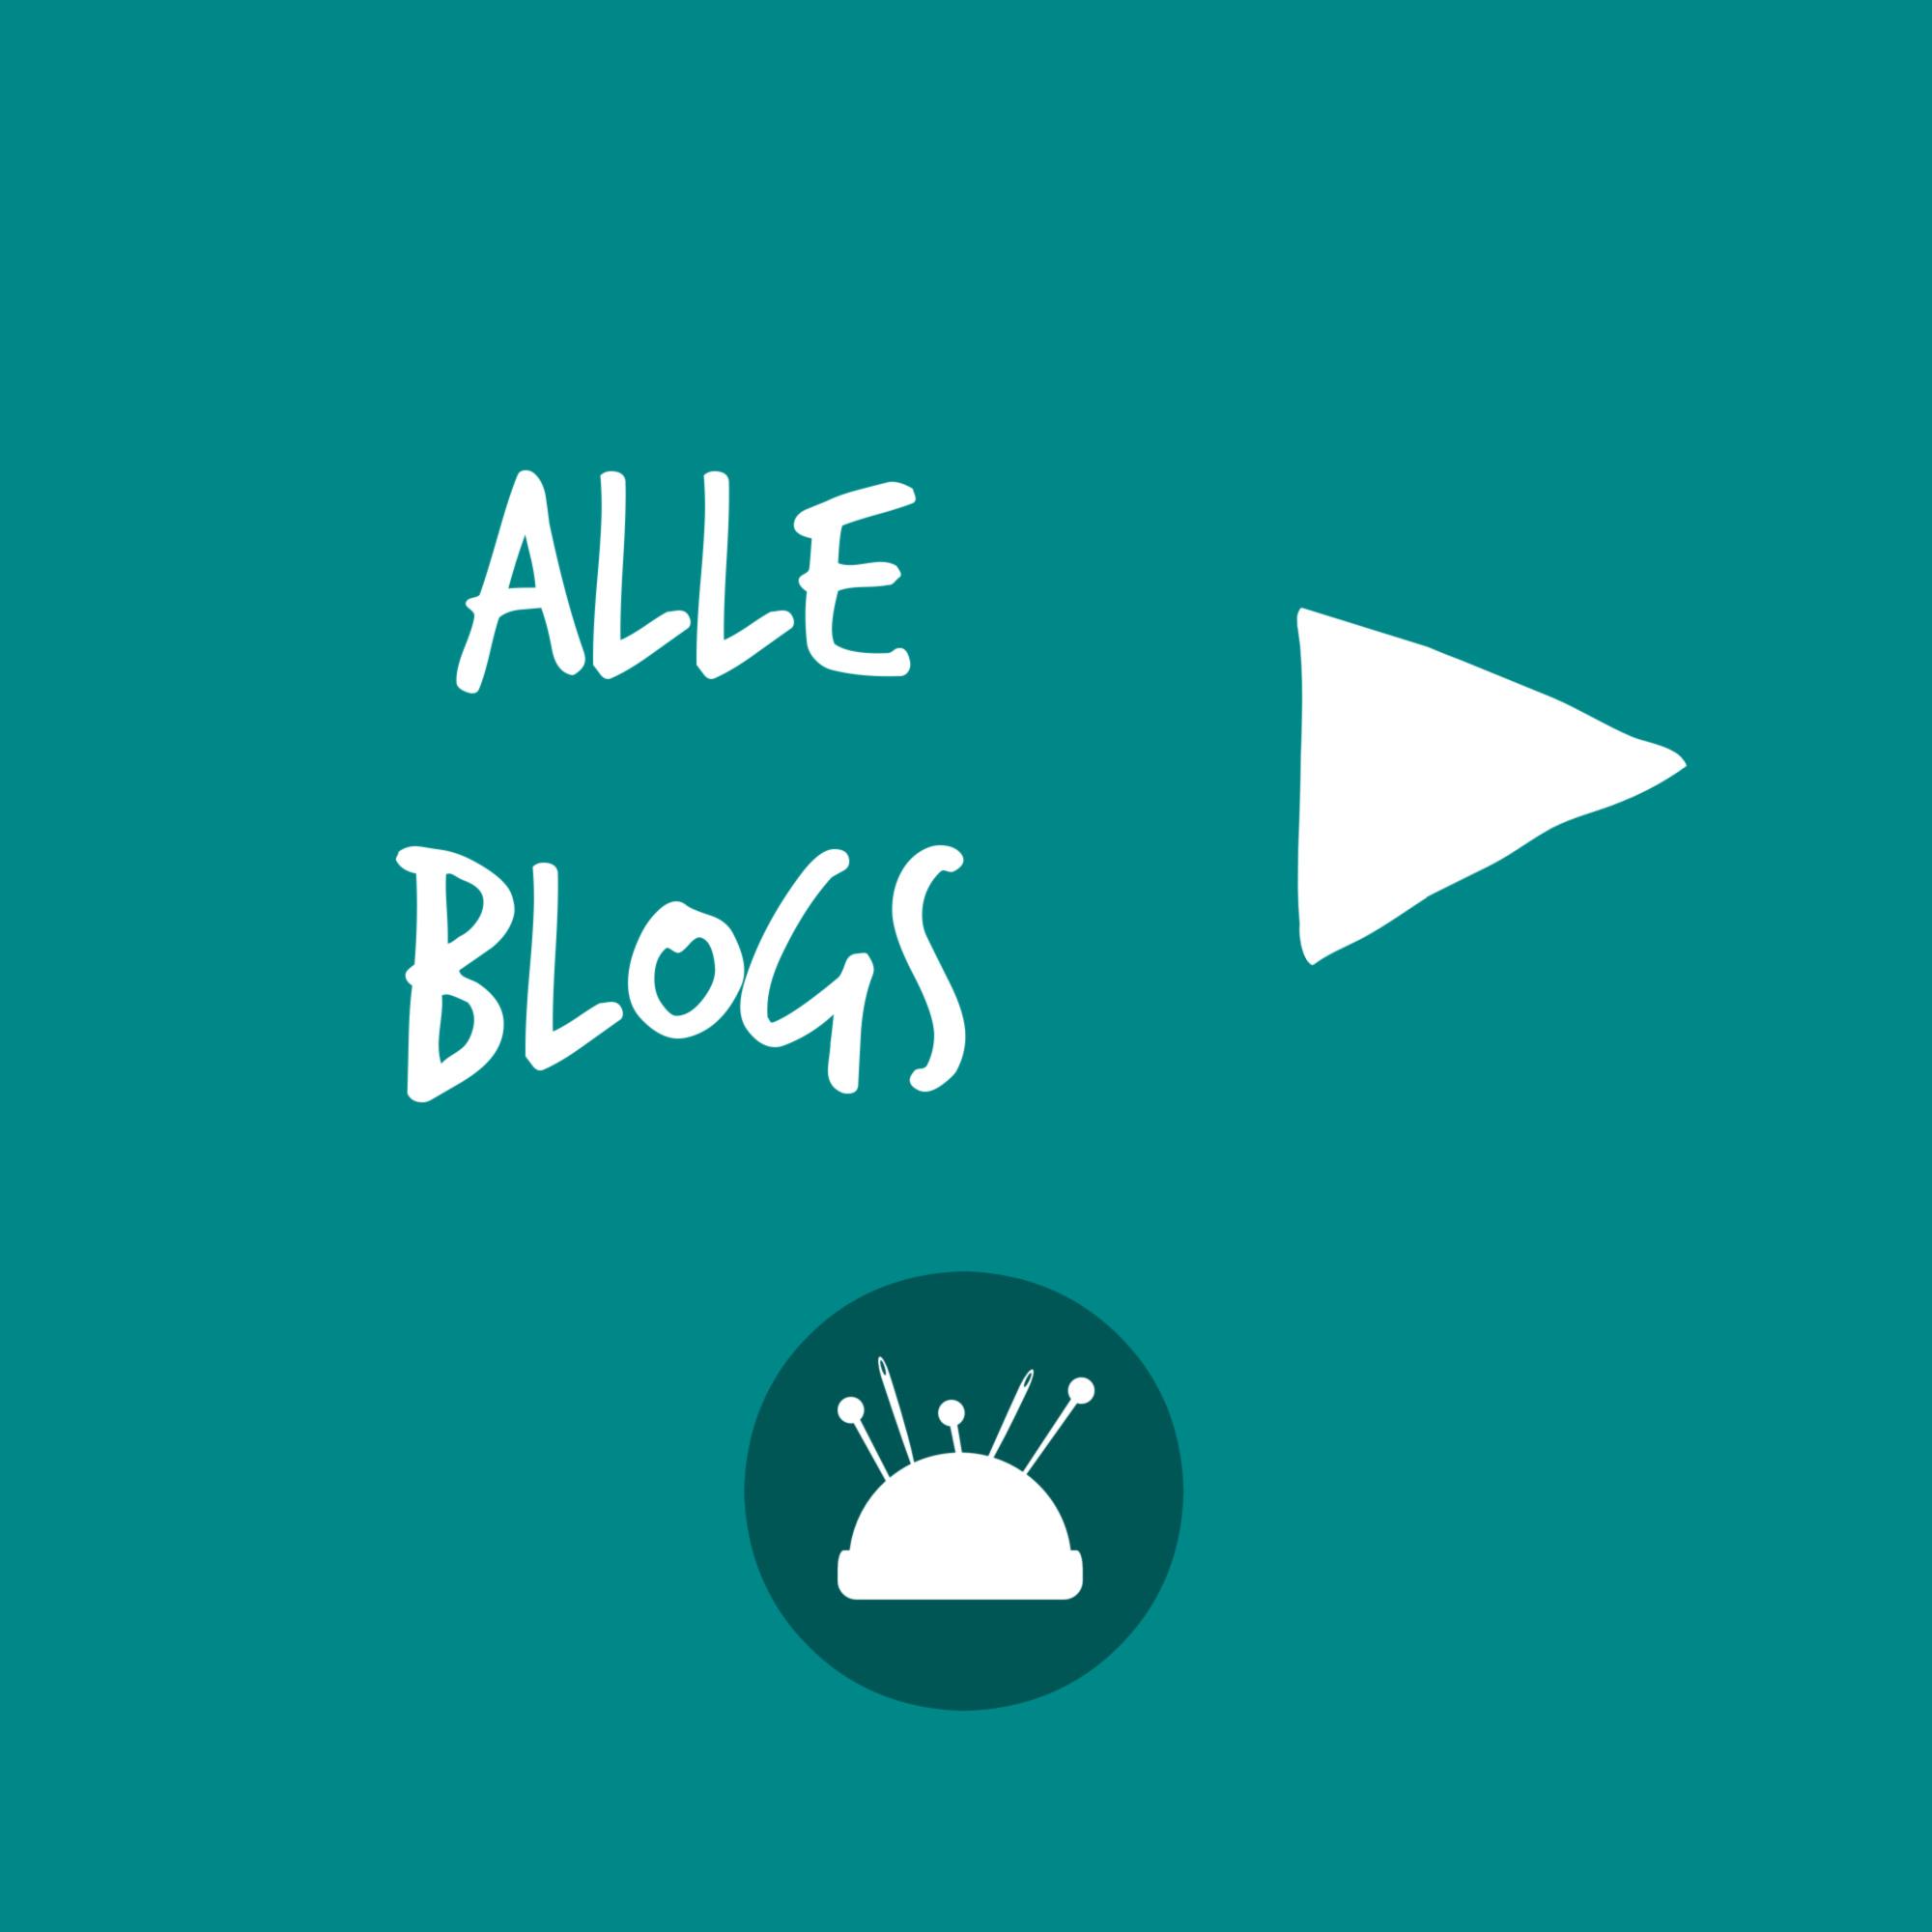 alle blogs 2